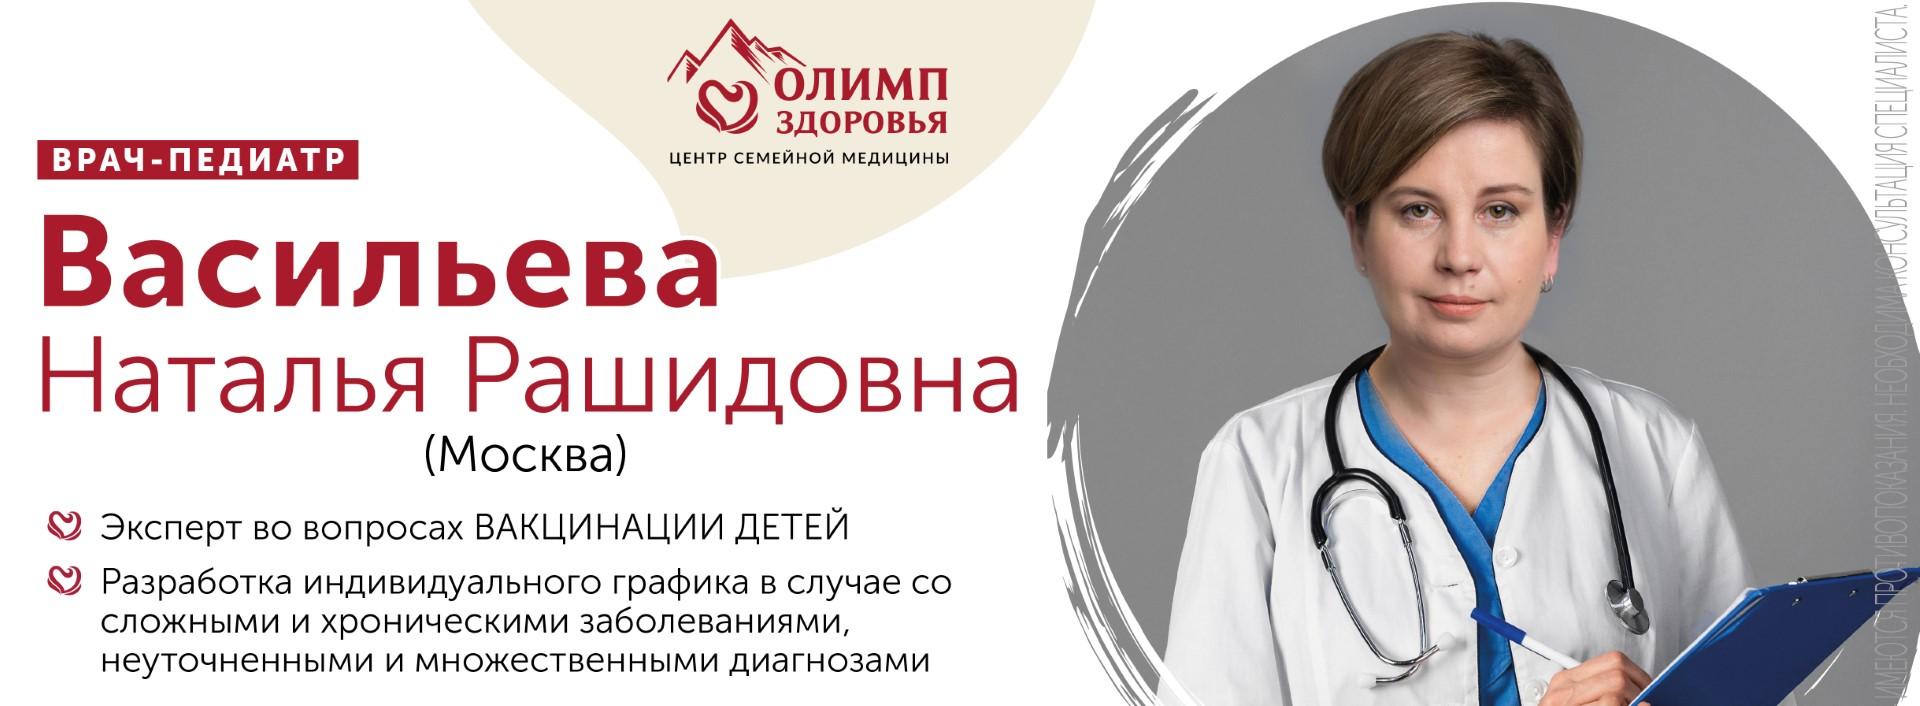 Эксперт по вопросам вакцинации детей и не только примет пациентов «Олимп Здоровья»